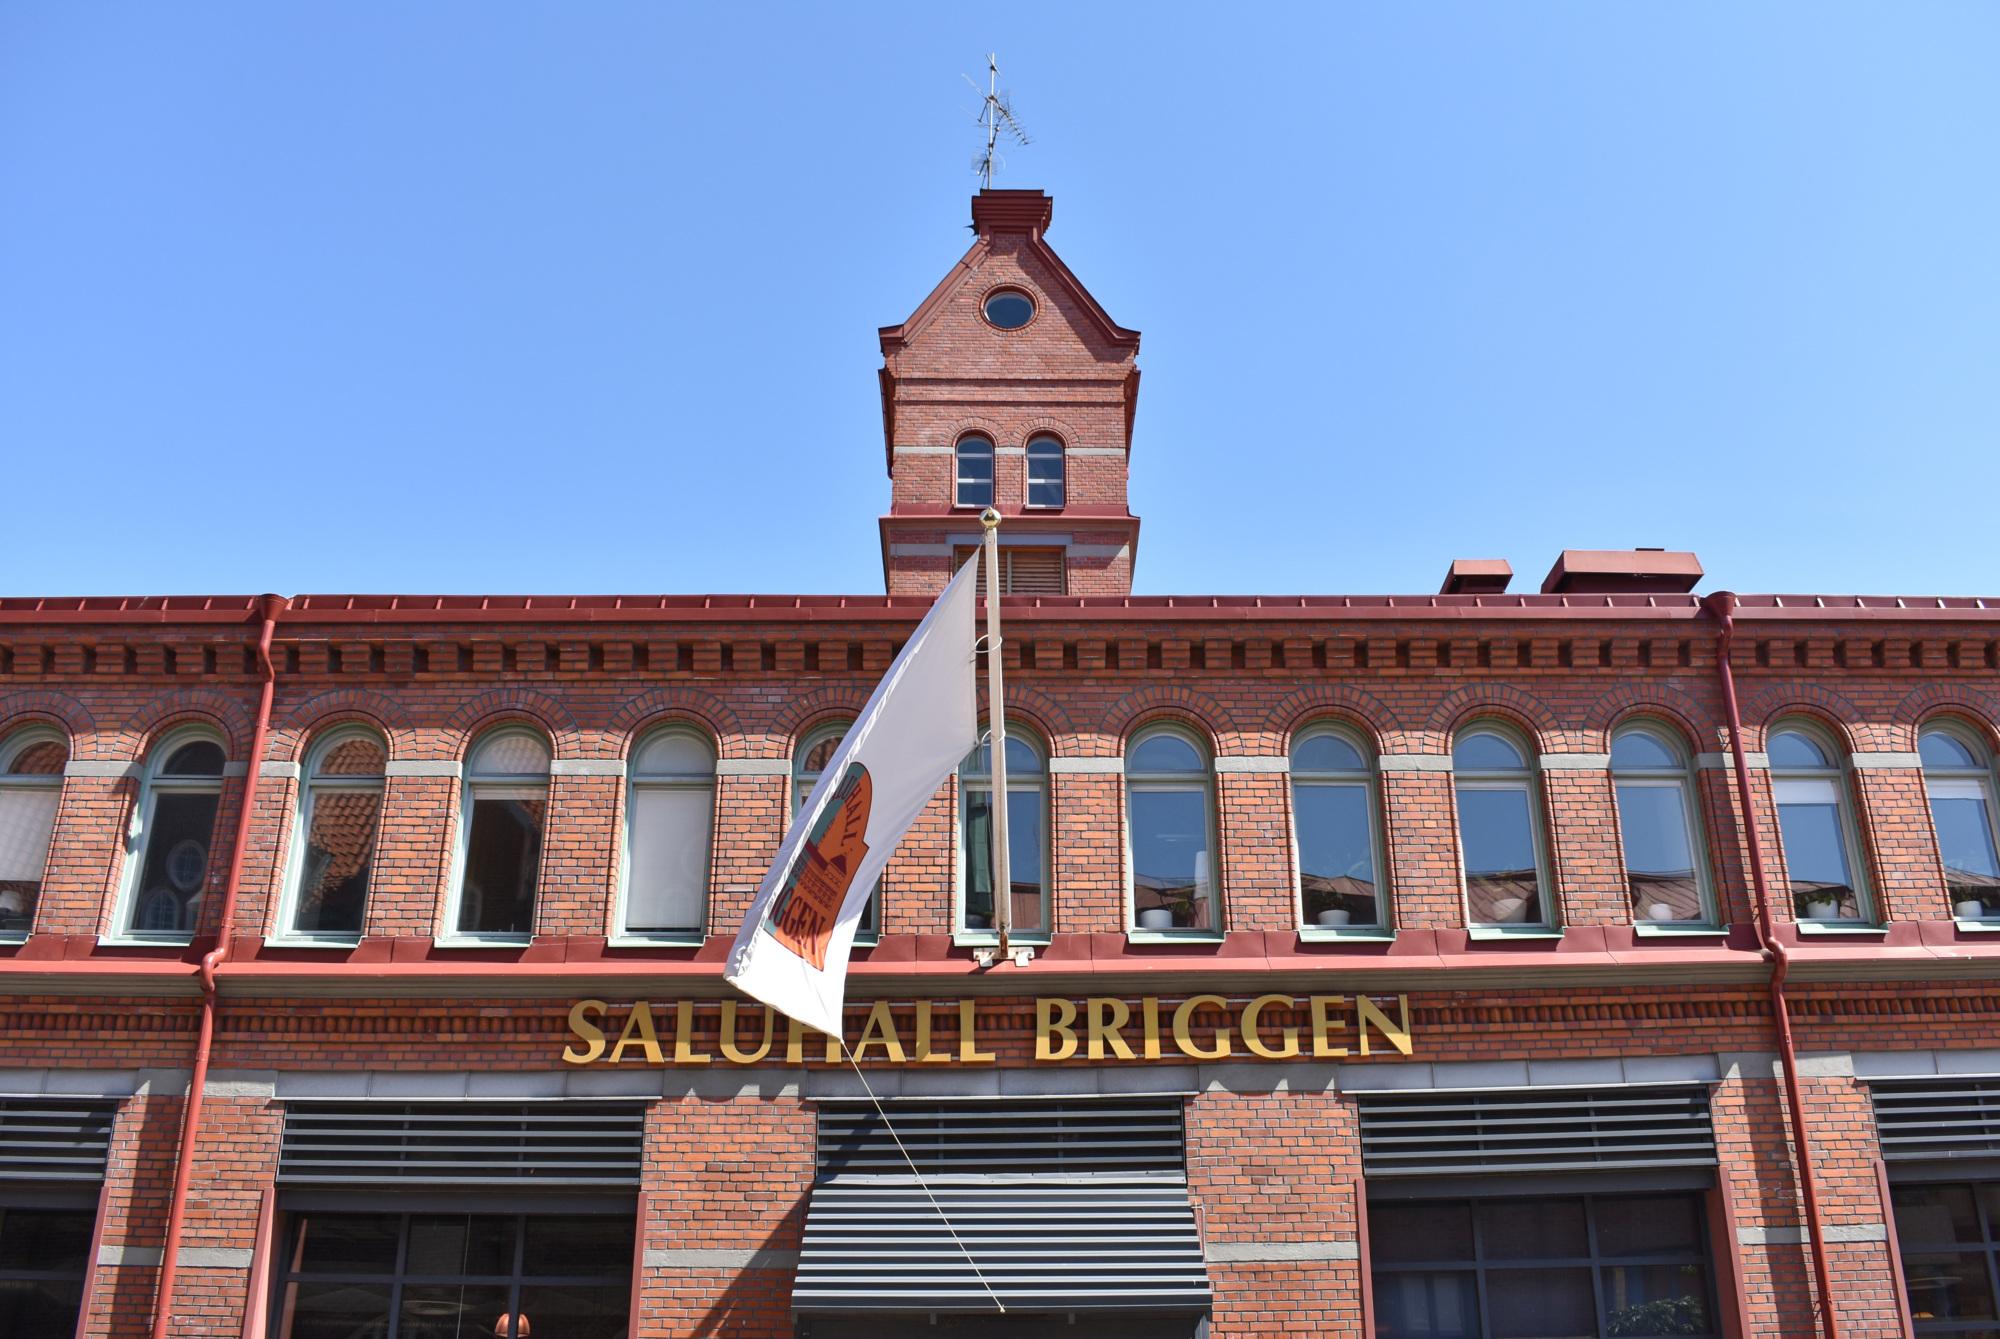 Tegelfasad med flagga och texten Saluhall Briggen